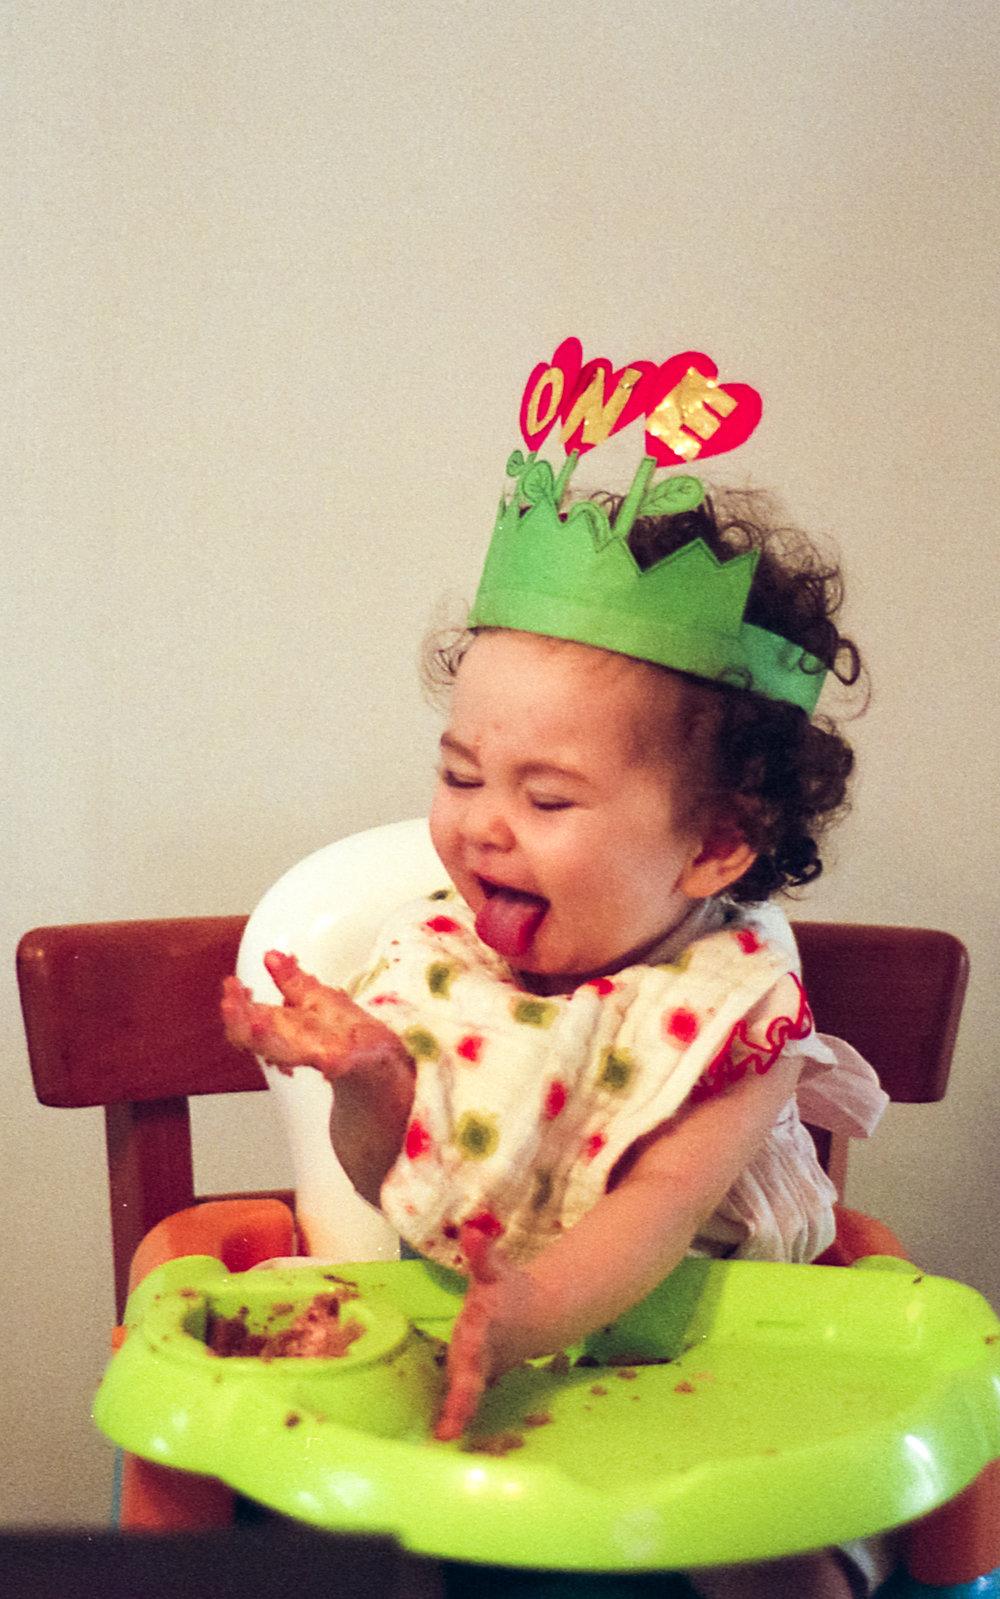 fun with cake